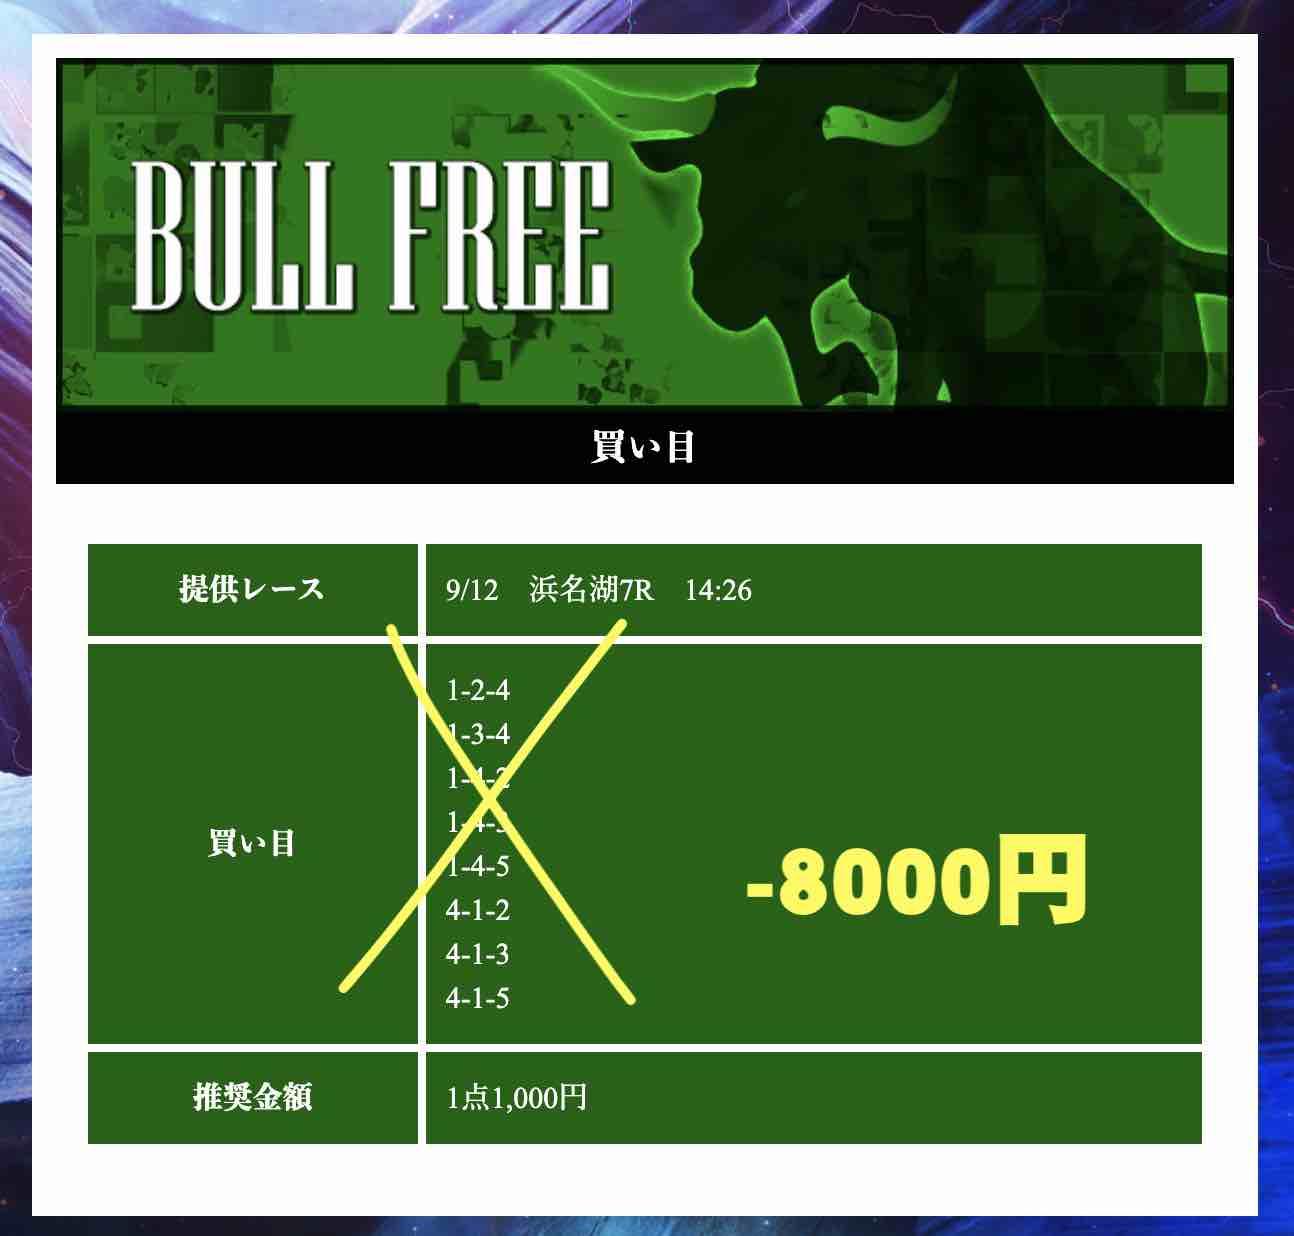 競艇BULL(競艇ブル)という競艇予想サイト(ボートレース予想サイト)の無料情報(無料予想)の結果